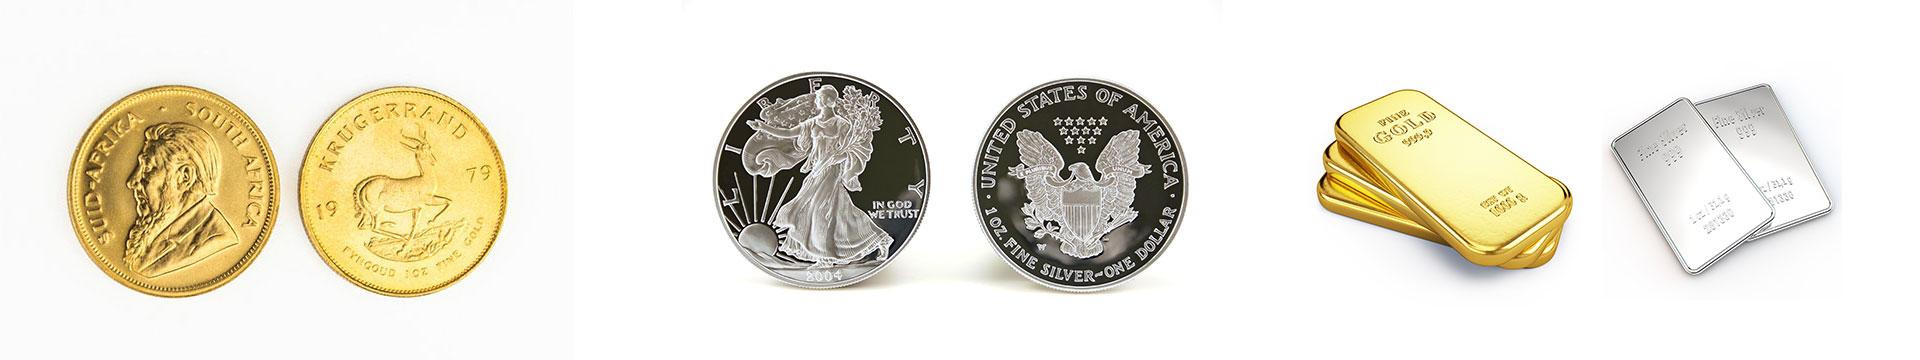 Münzankauf - Sammlermünzen, Dukaten/Taler, Medaillen aller Art